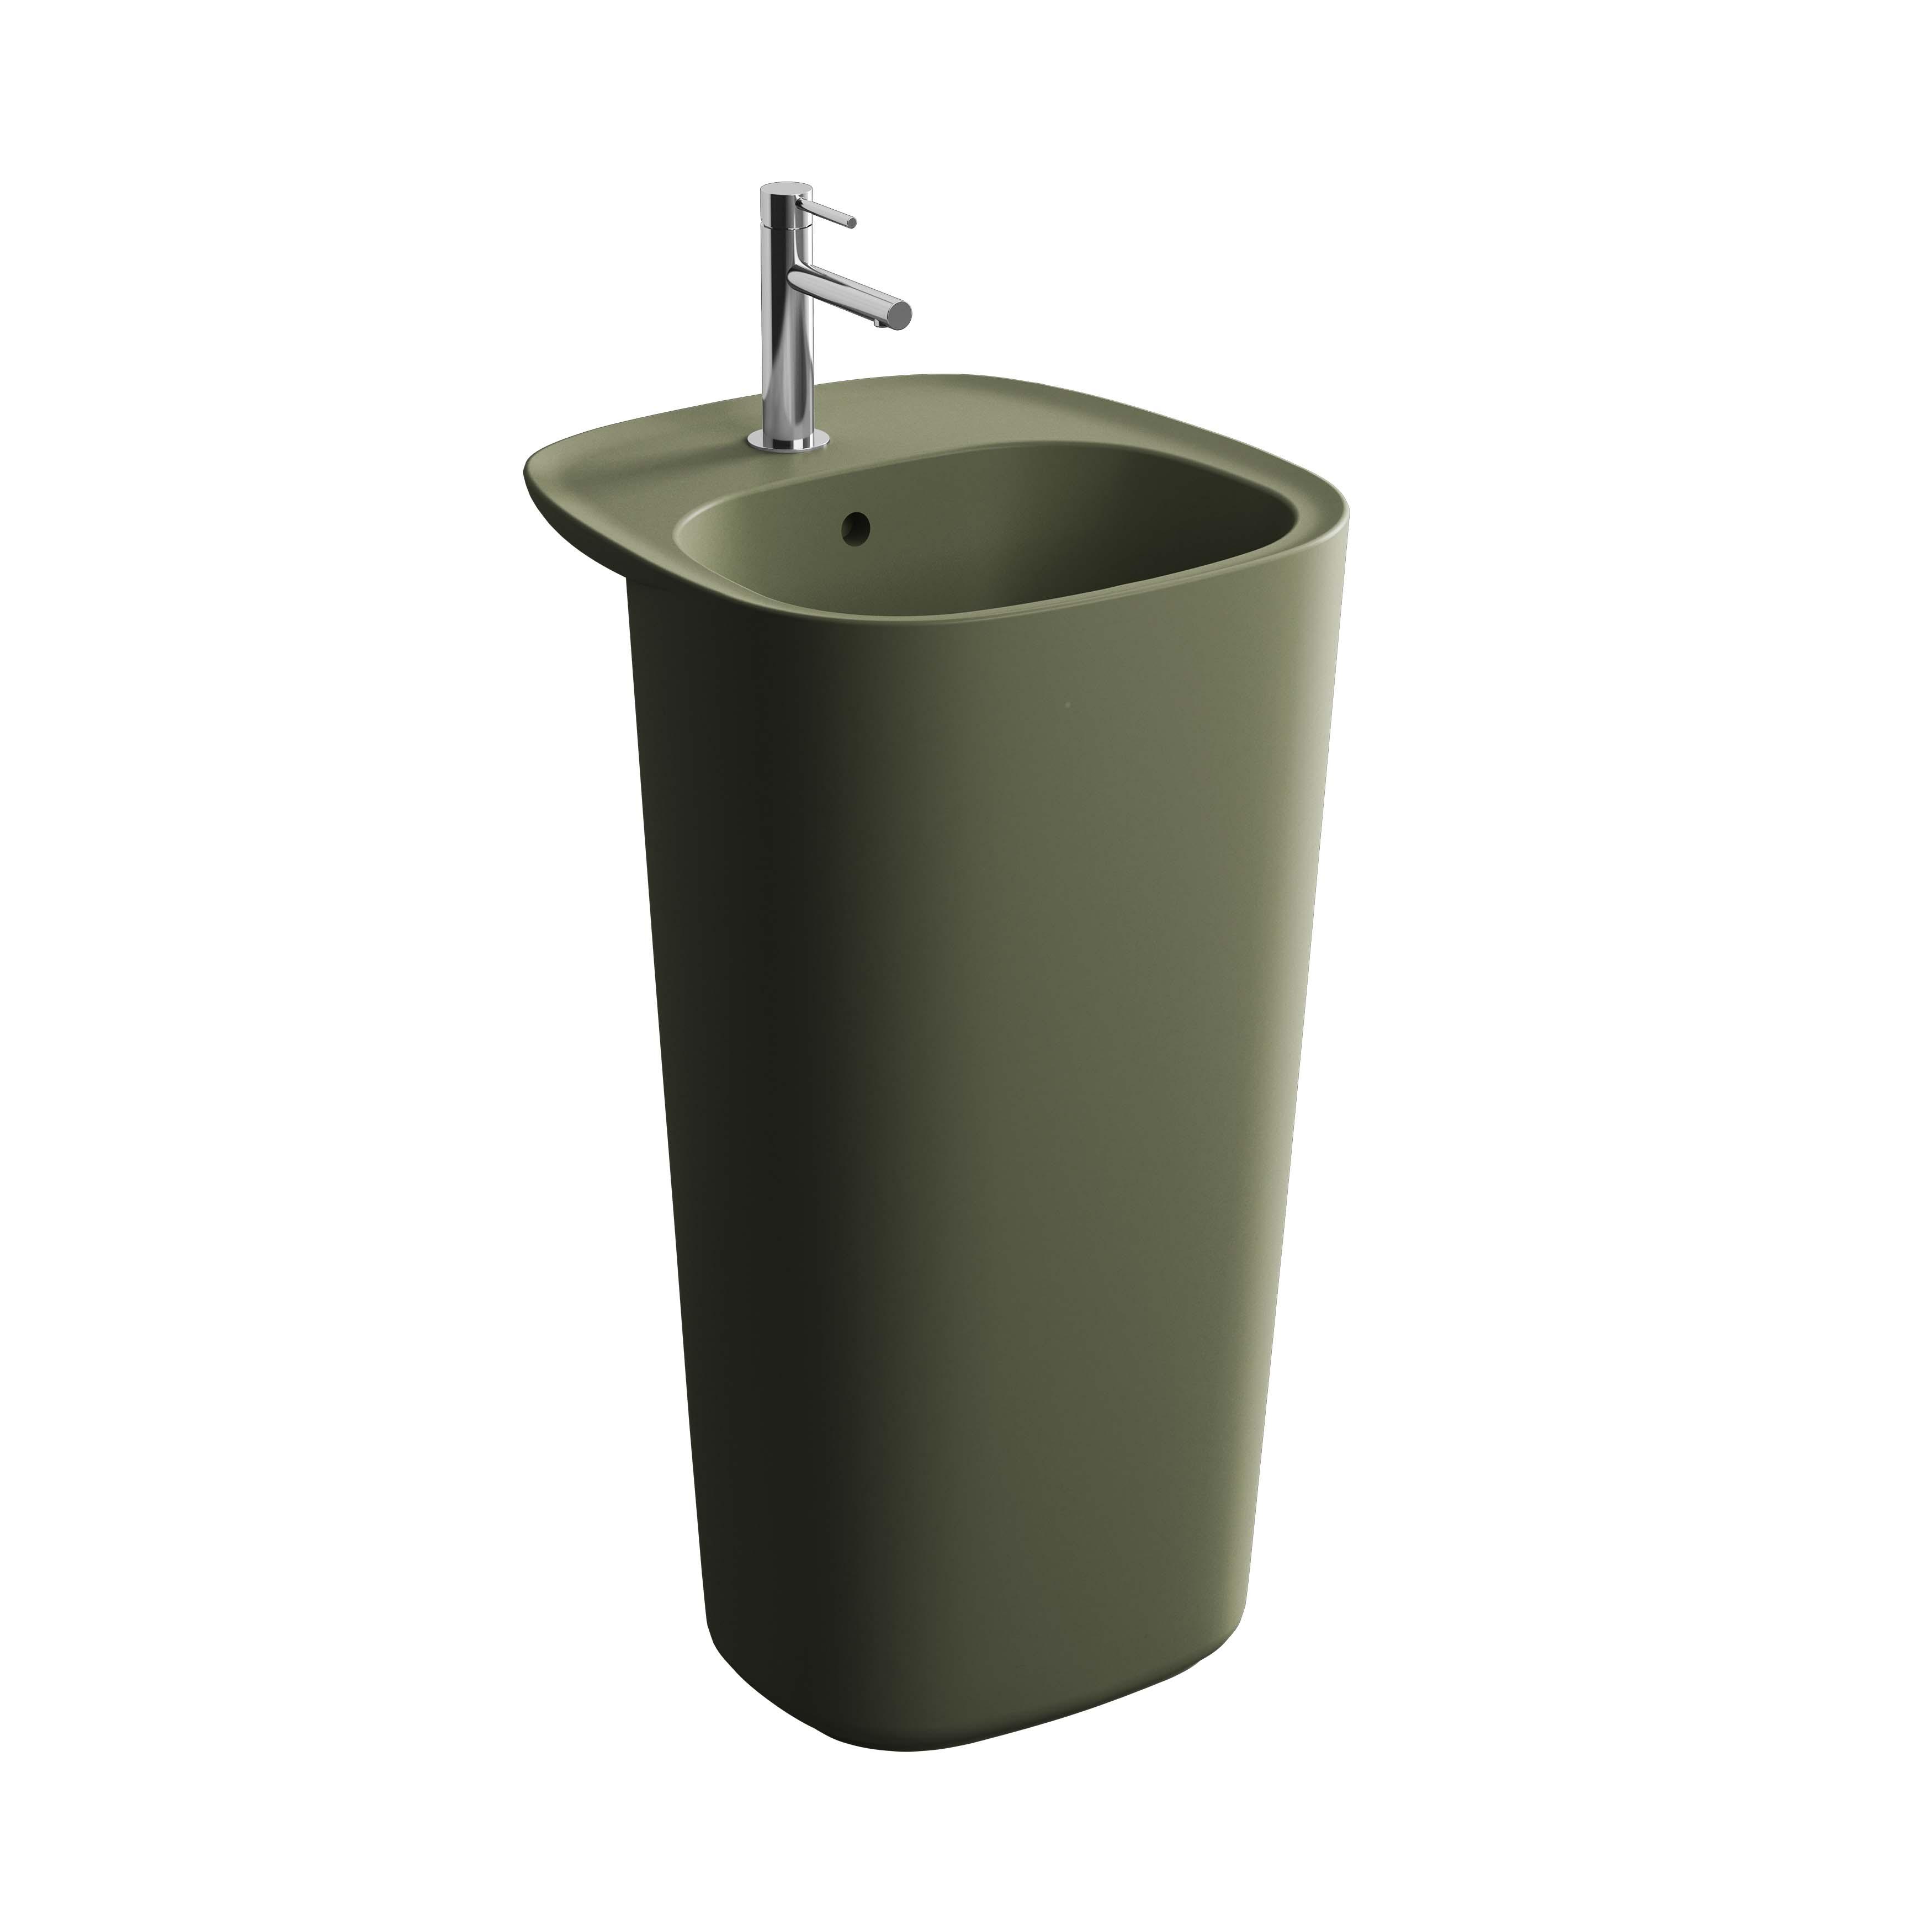 Plural lavabo monobloc, avec trop-plein, vert mousse mat